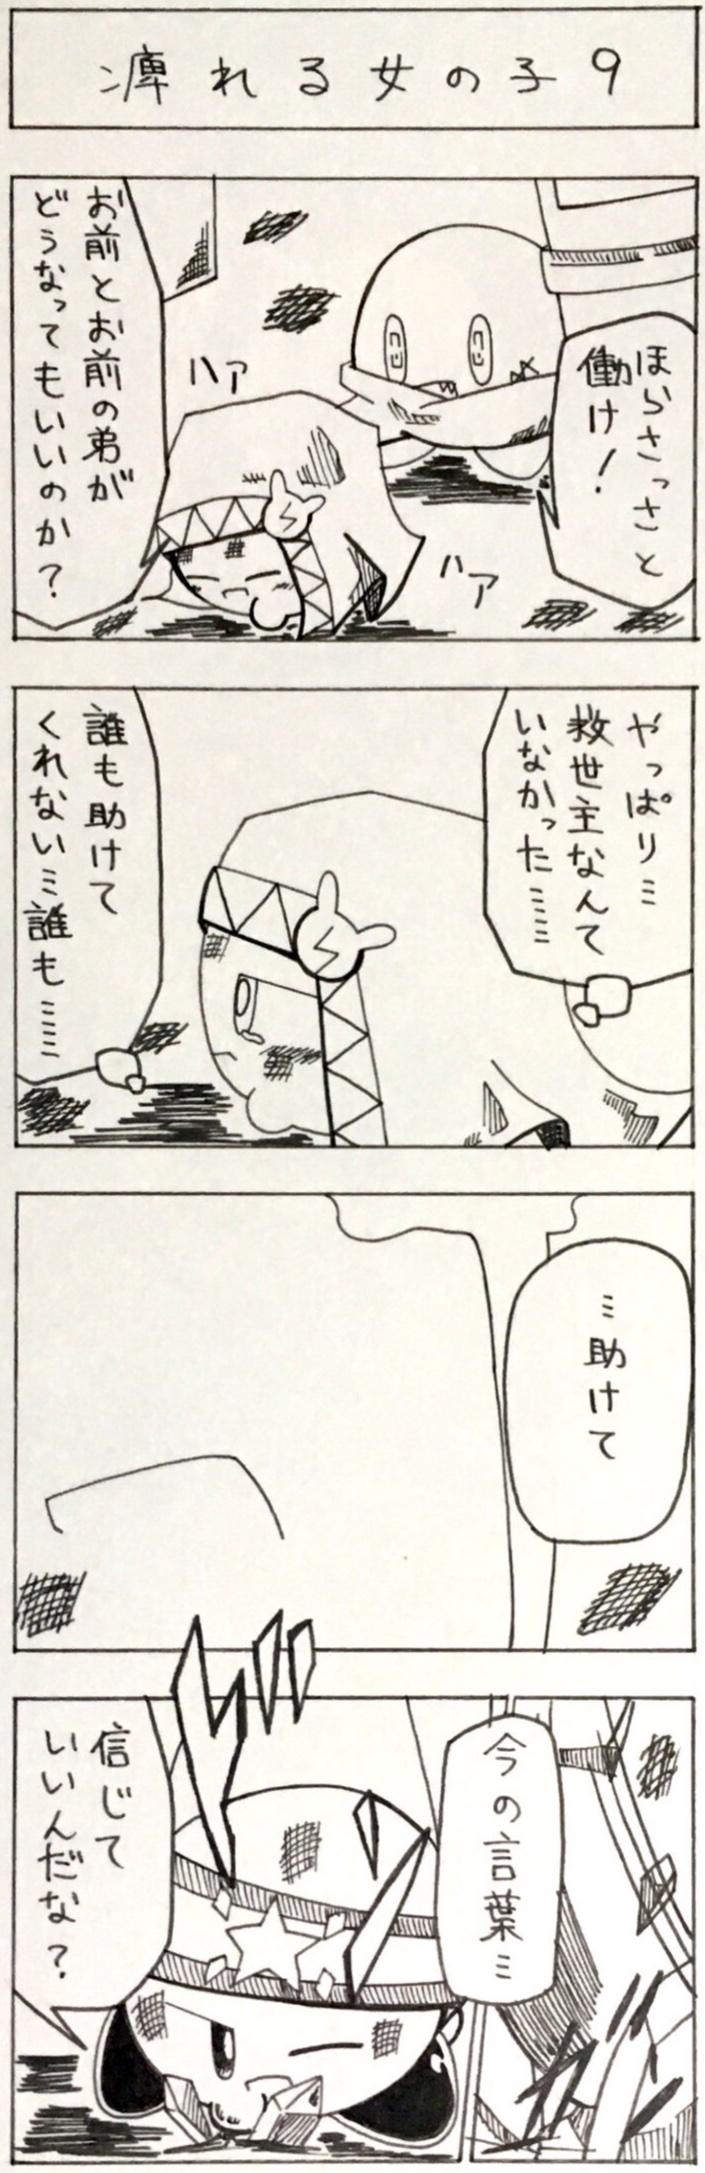 Believe Story 4-9